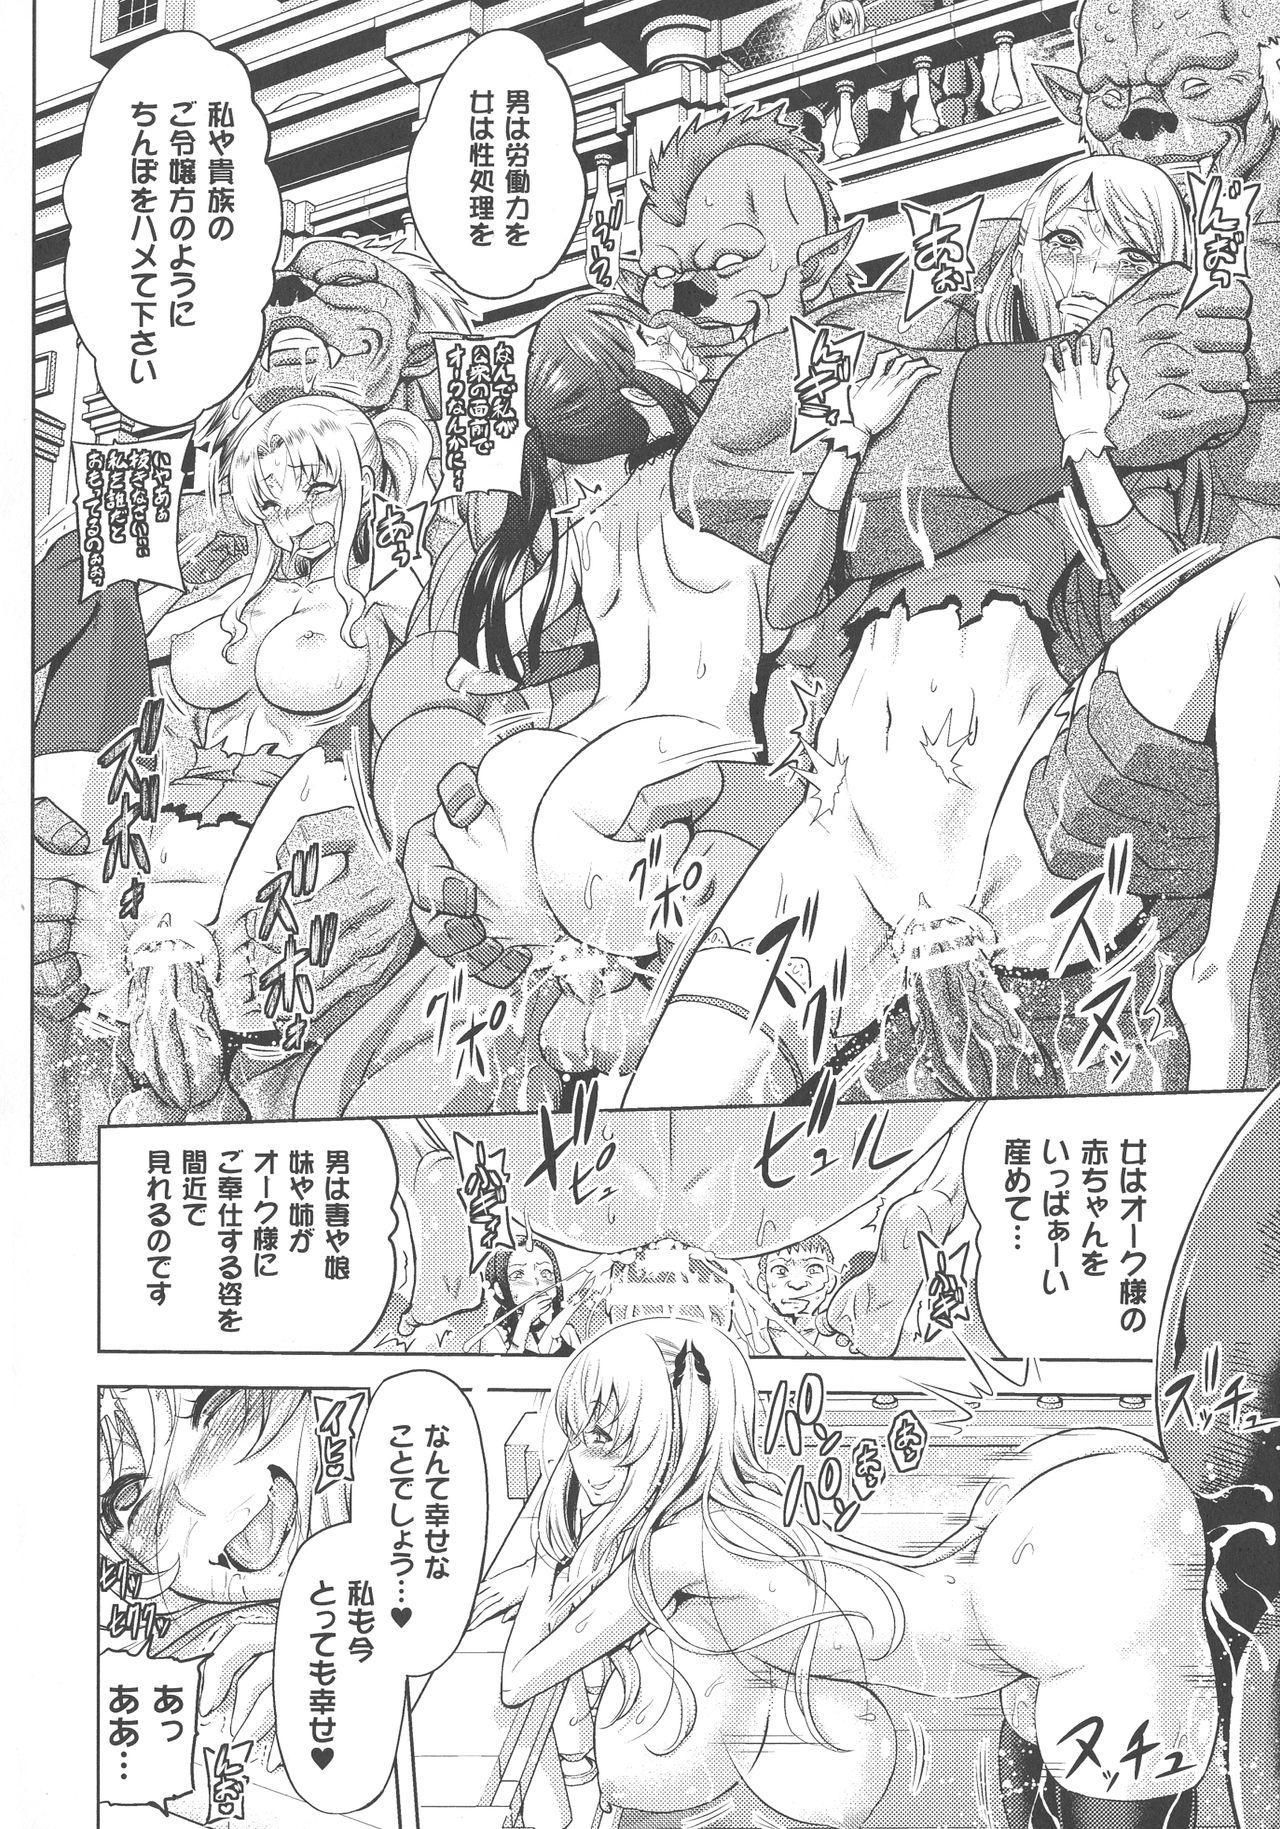 ERONA Orc no Inmon ni Okasareta Onna Kishi no Matsuro Ch. 1-6 101